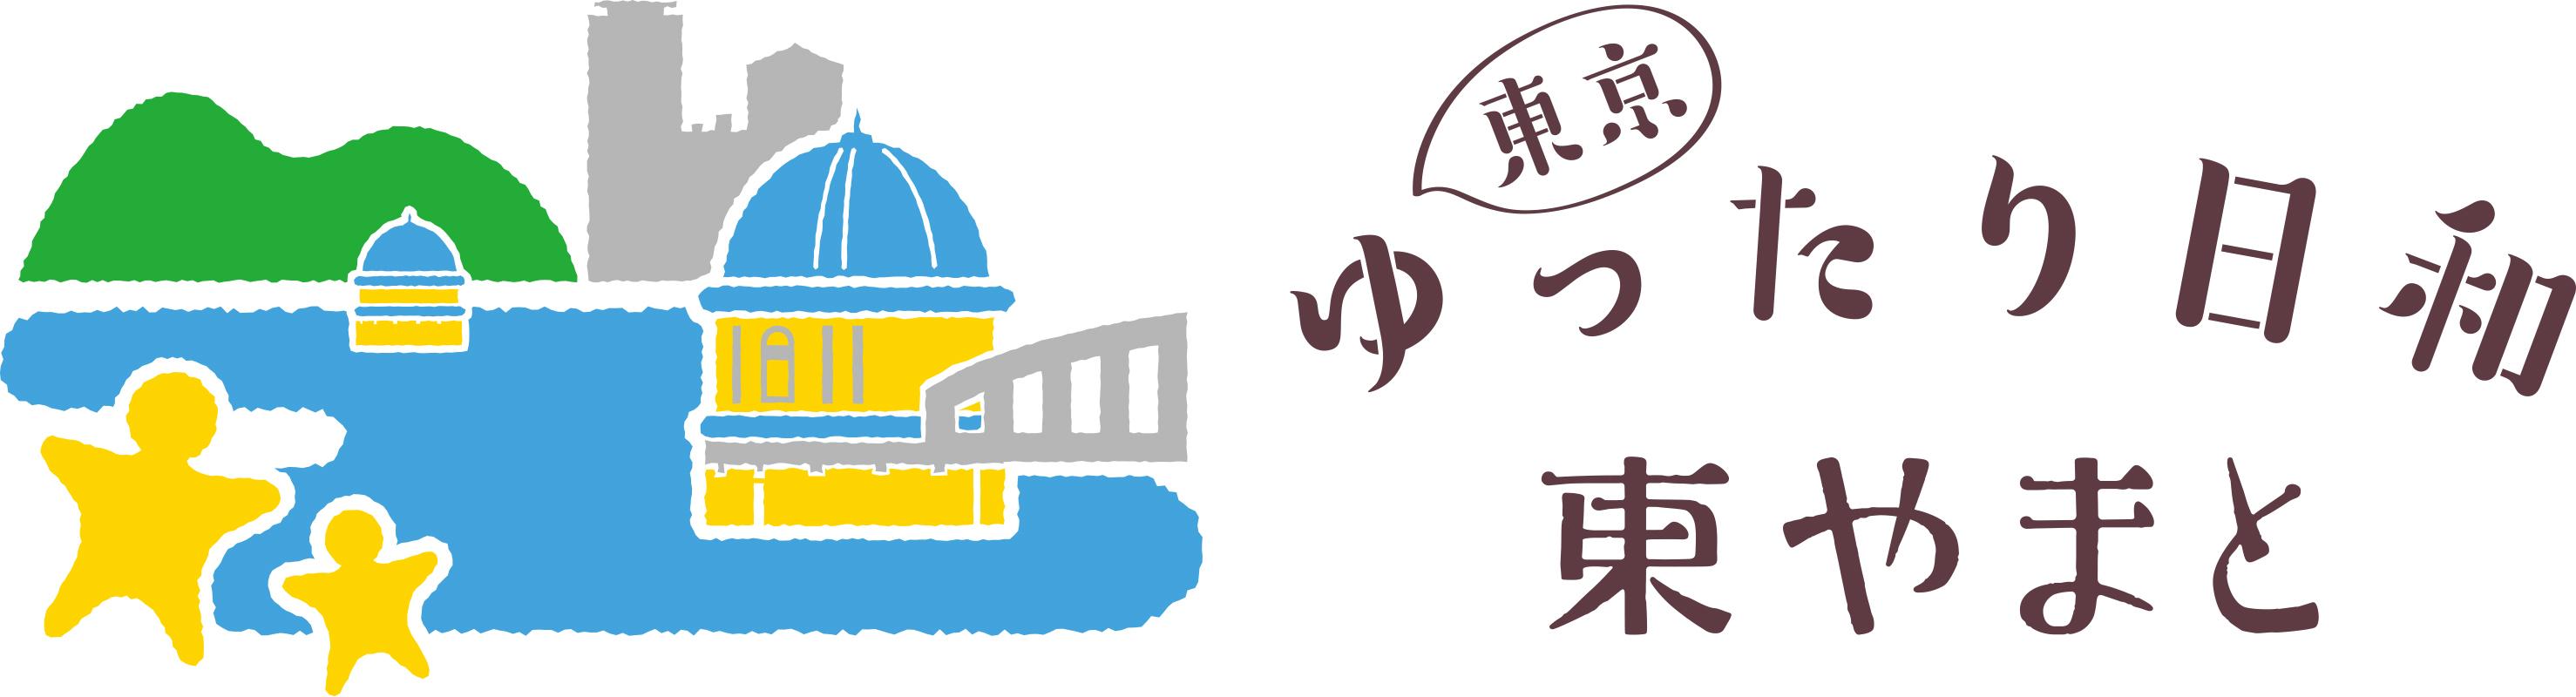 20171117-140519.jpg